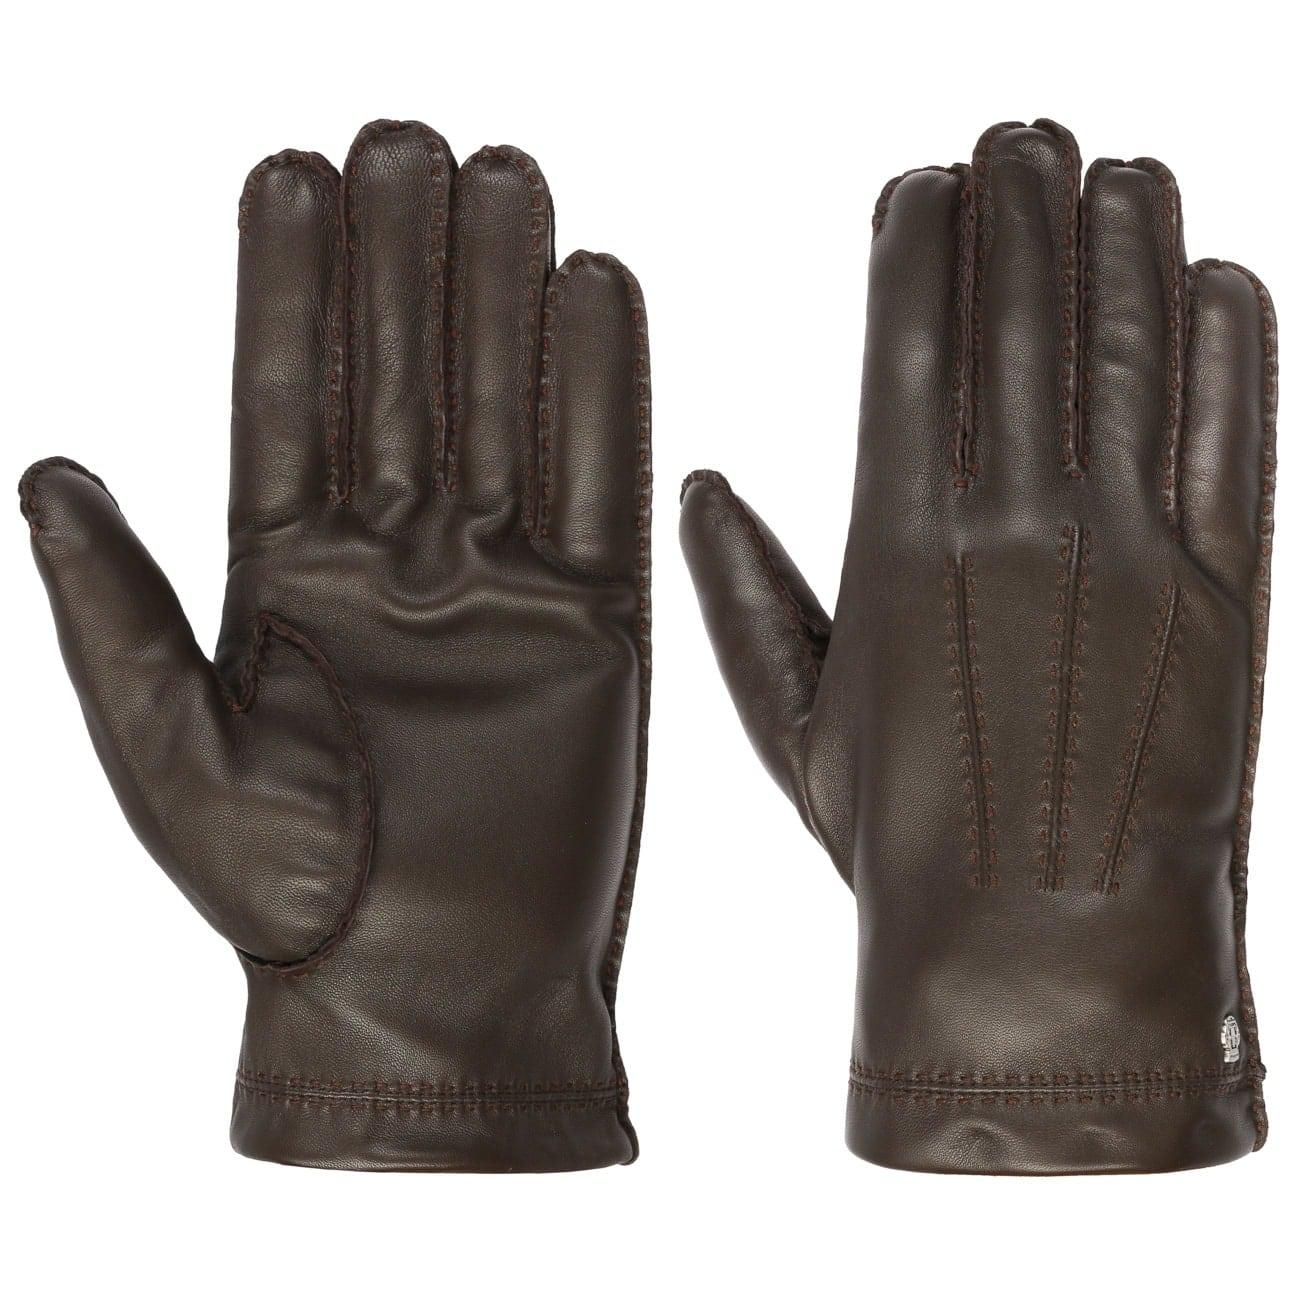 Gants en Cuir Elegant Stitching by Roeckl  gants avec dogits